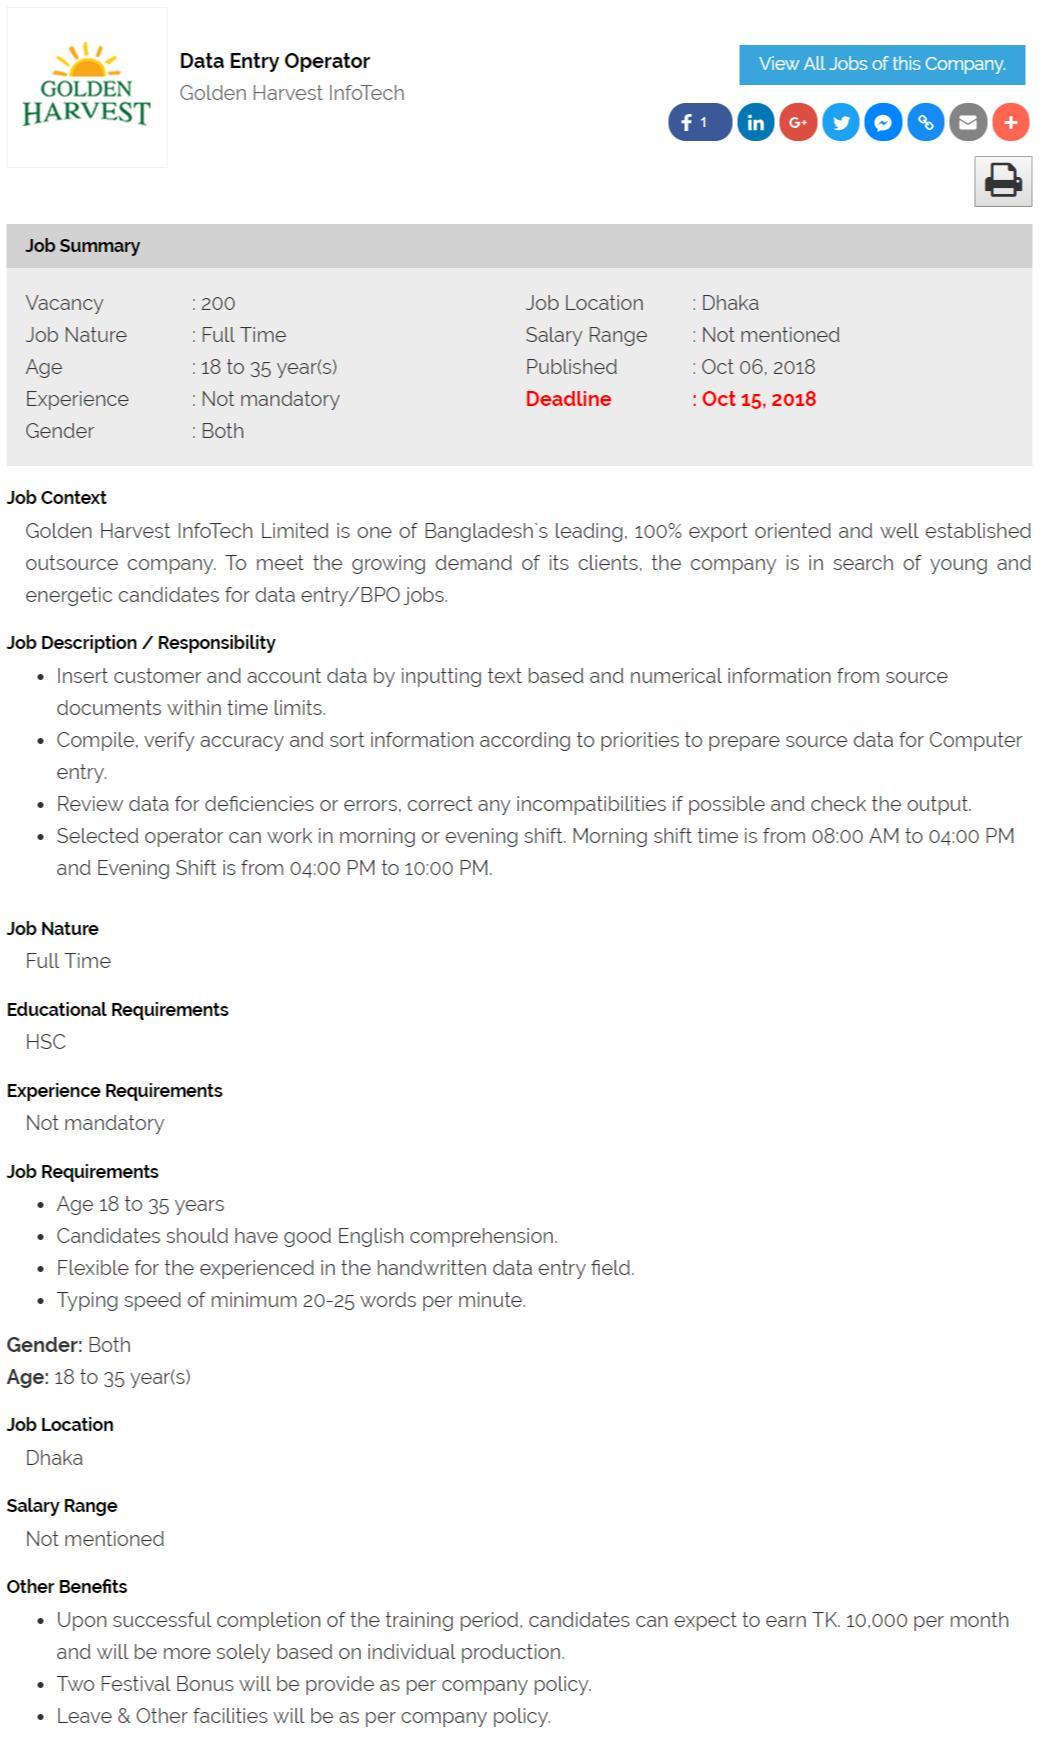 Golden Harvest InfoTech Job Circular - Data Entry Operator